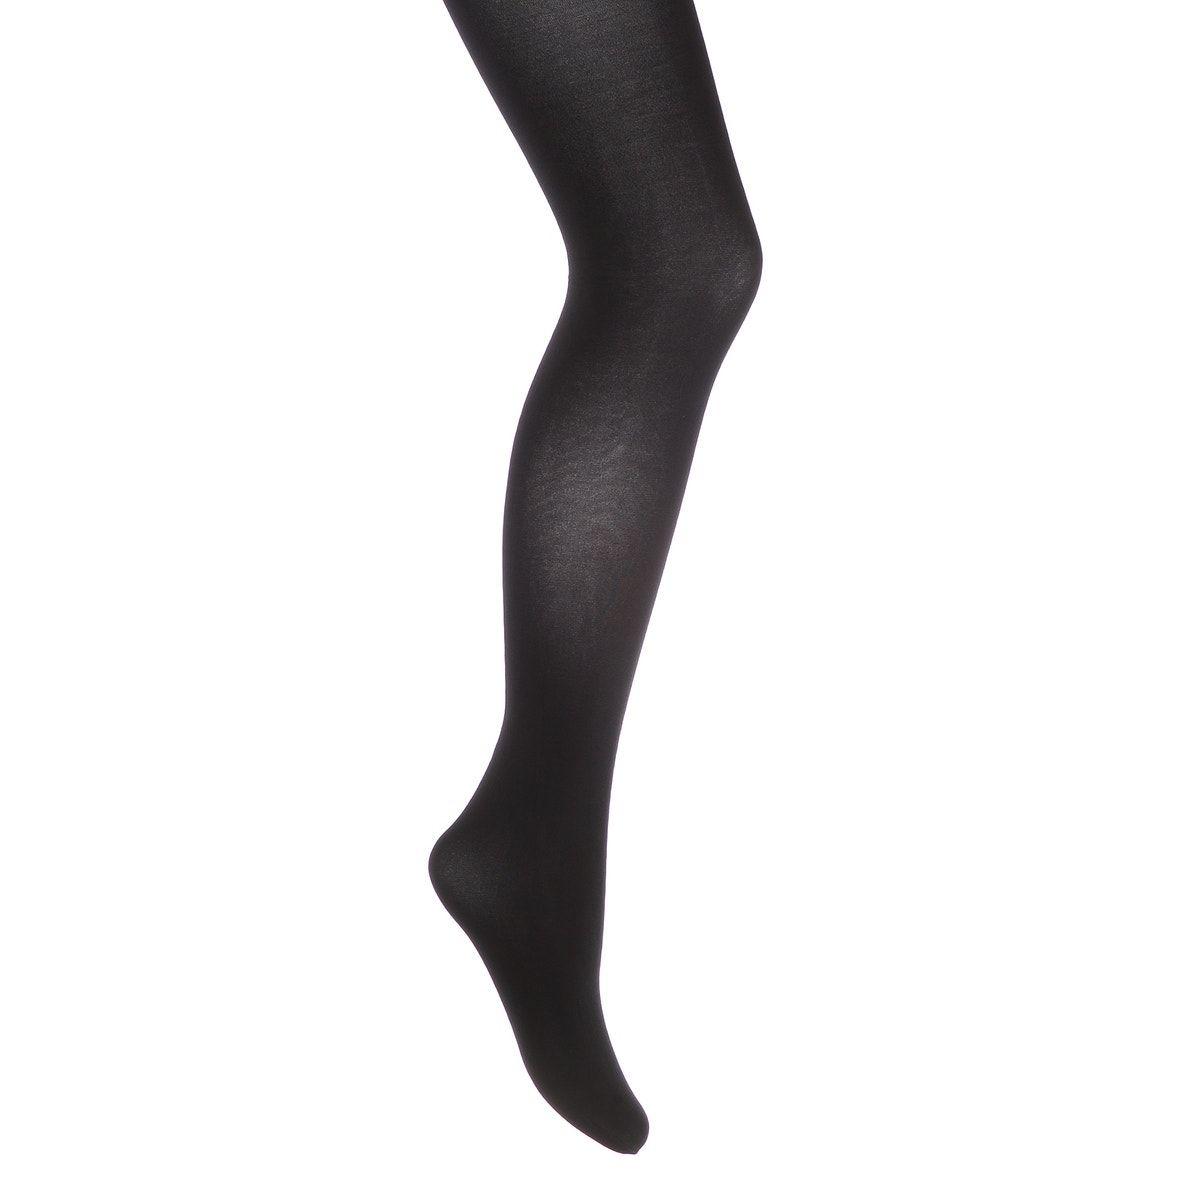 Plus size plain black tights. 40 denier.product details•plus size•40 denierfabric content & care advice•95% polyamide, 5% elastane